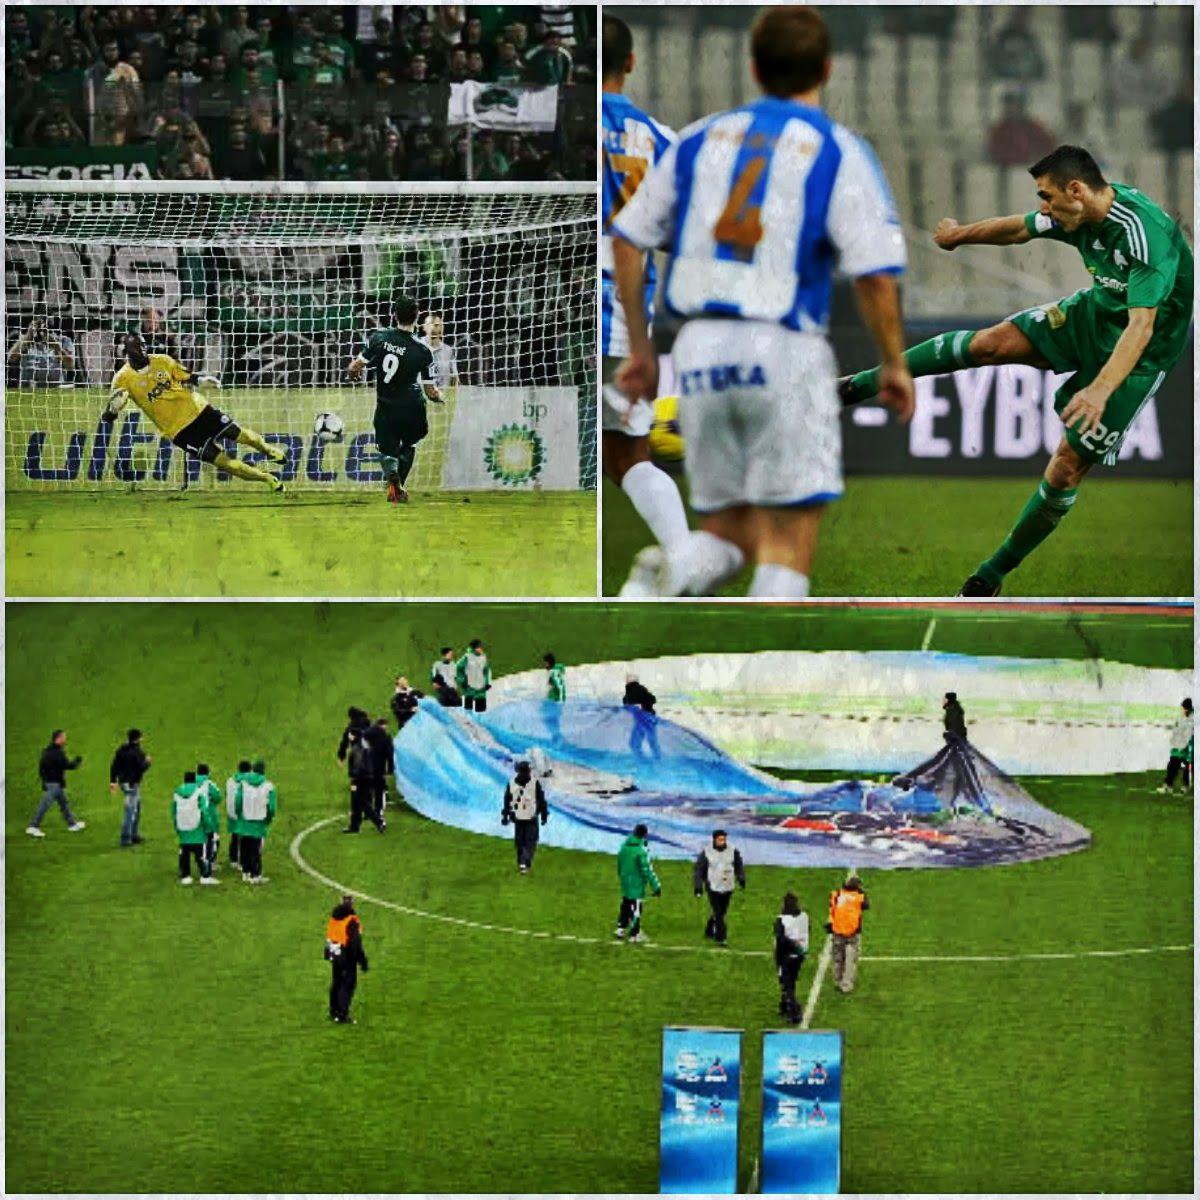 http://www.panathinaikos-press.com/2015/05/panathinaikos-atromitos-proistoria.html